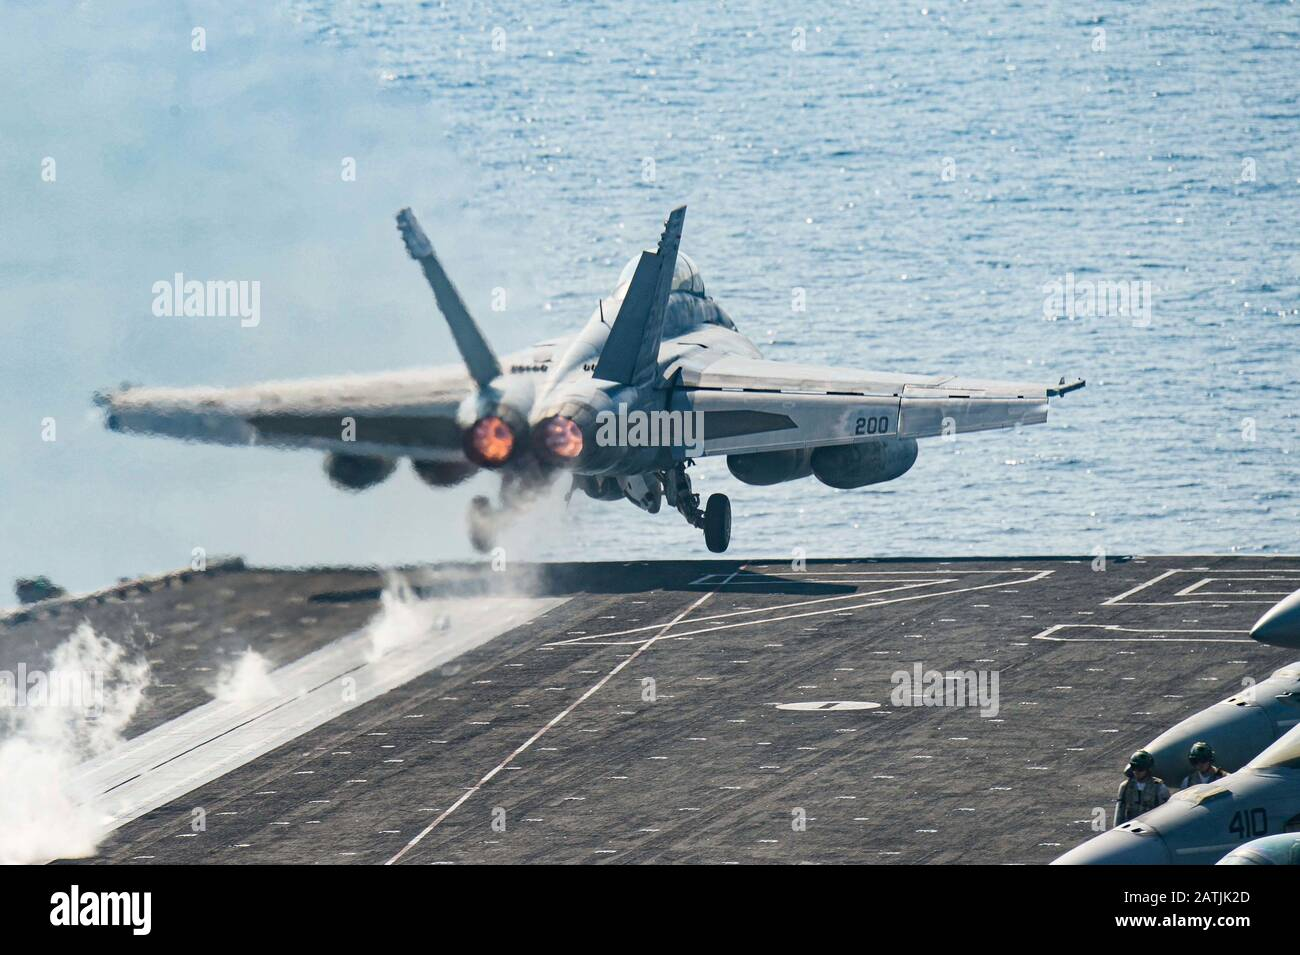 Un avion de chasse Super Hornet de la marine américaine F/A-18 F attaché au Strike Fighter Squadron 211, part du pont de vol du porte-avions USS Harry S. Truman à la suite d'une patrouille de routine le 9 janvier 2020 dans la mer d'Arabie. Banque D'Images